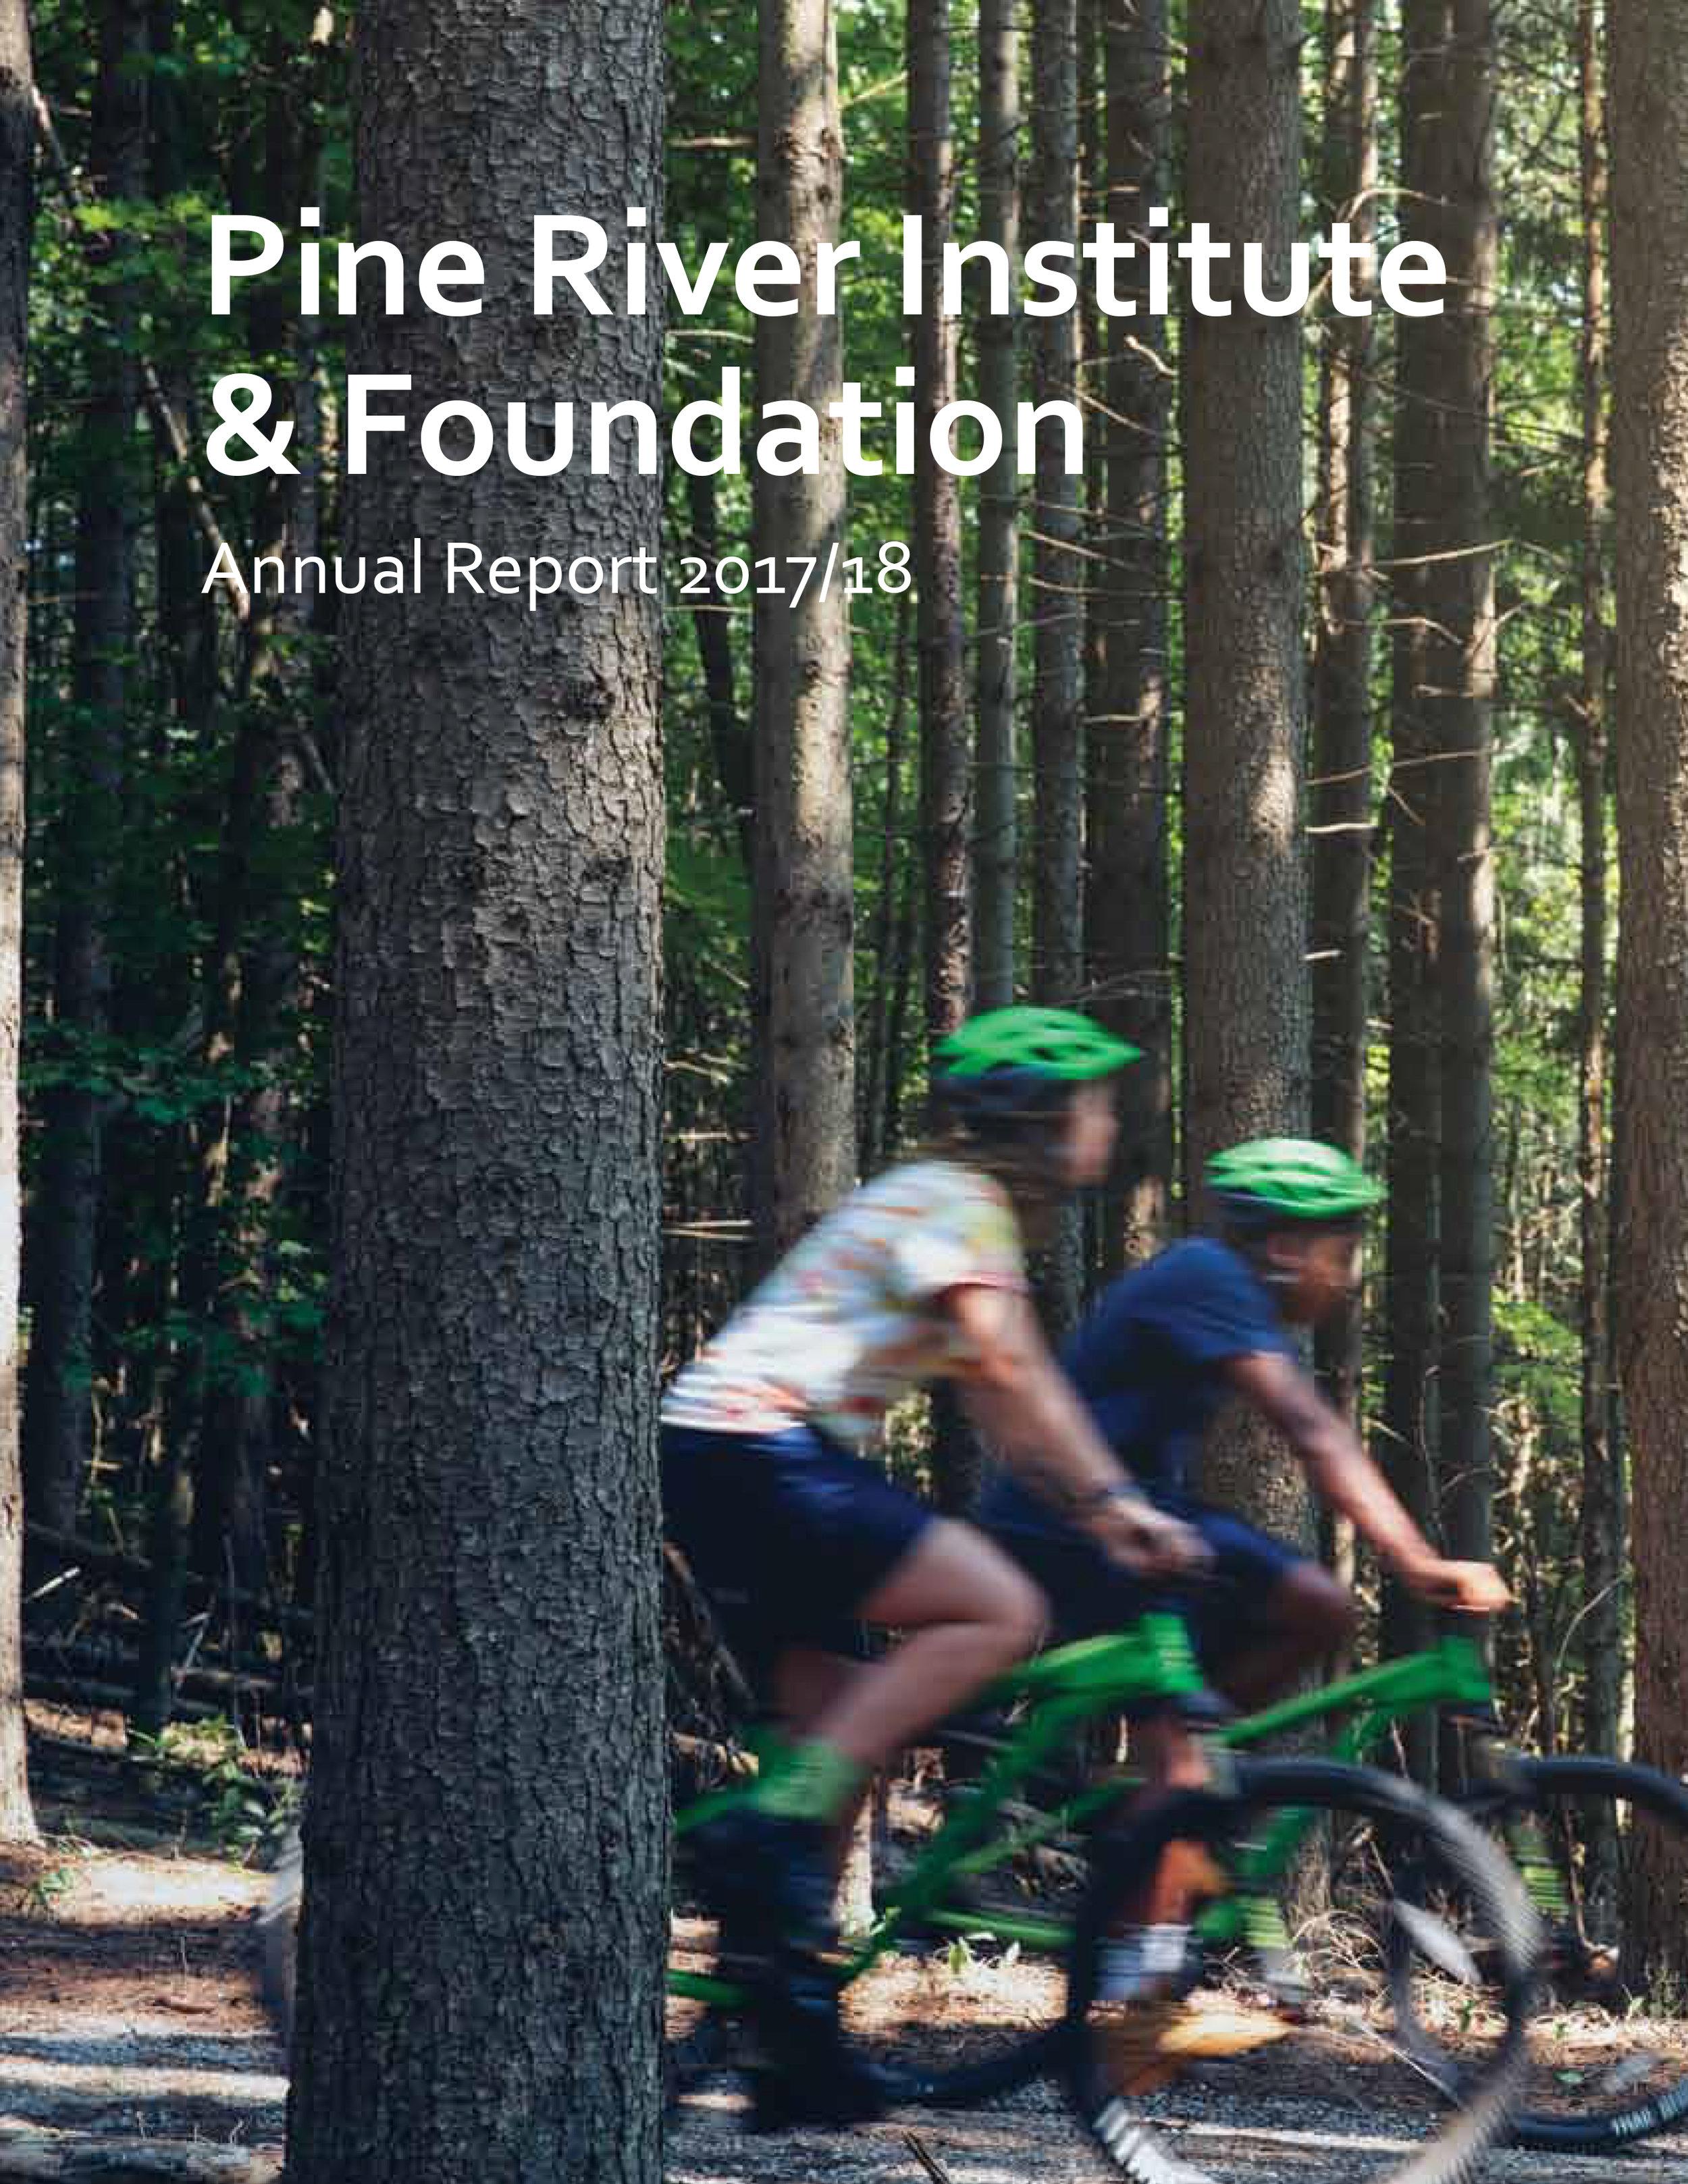 2017-18 Annual Report.jp